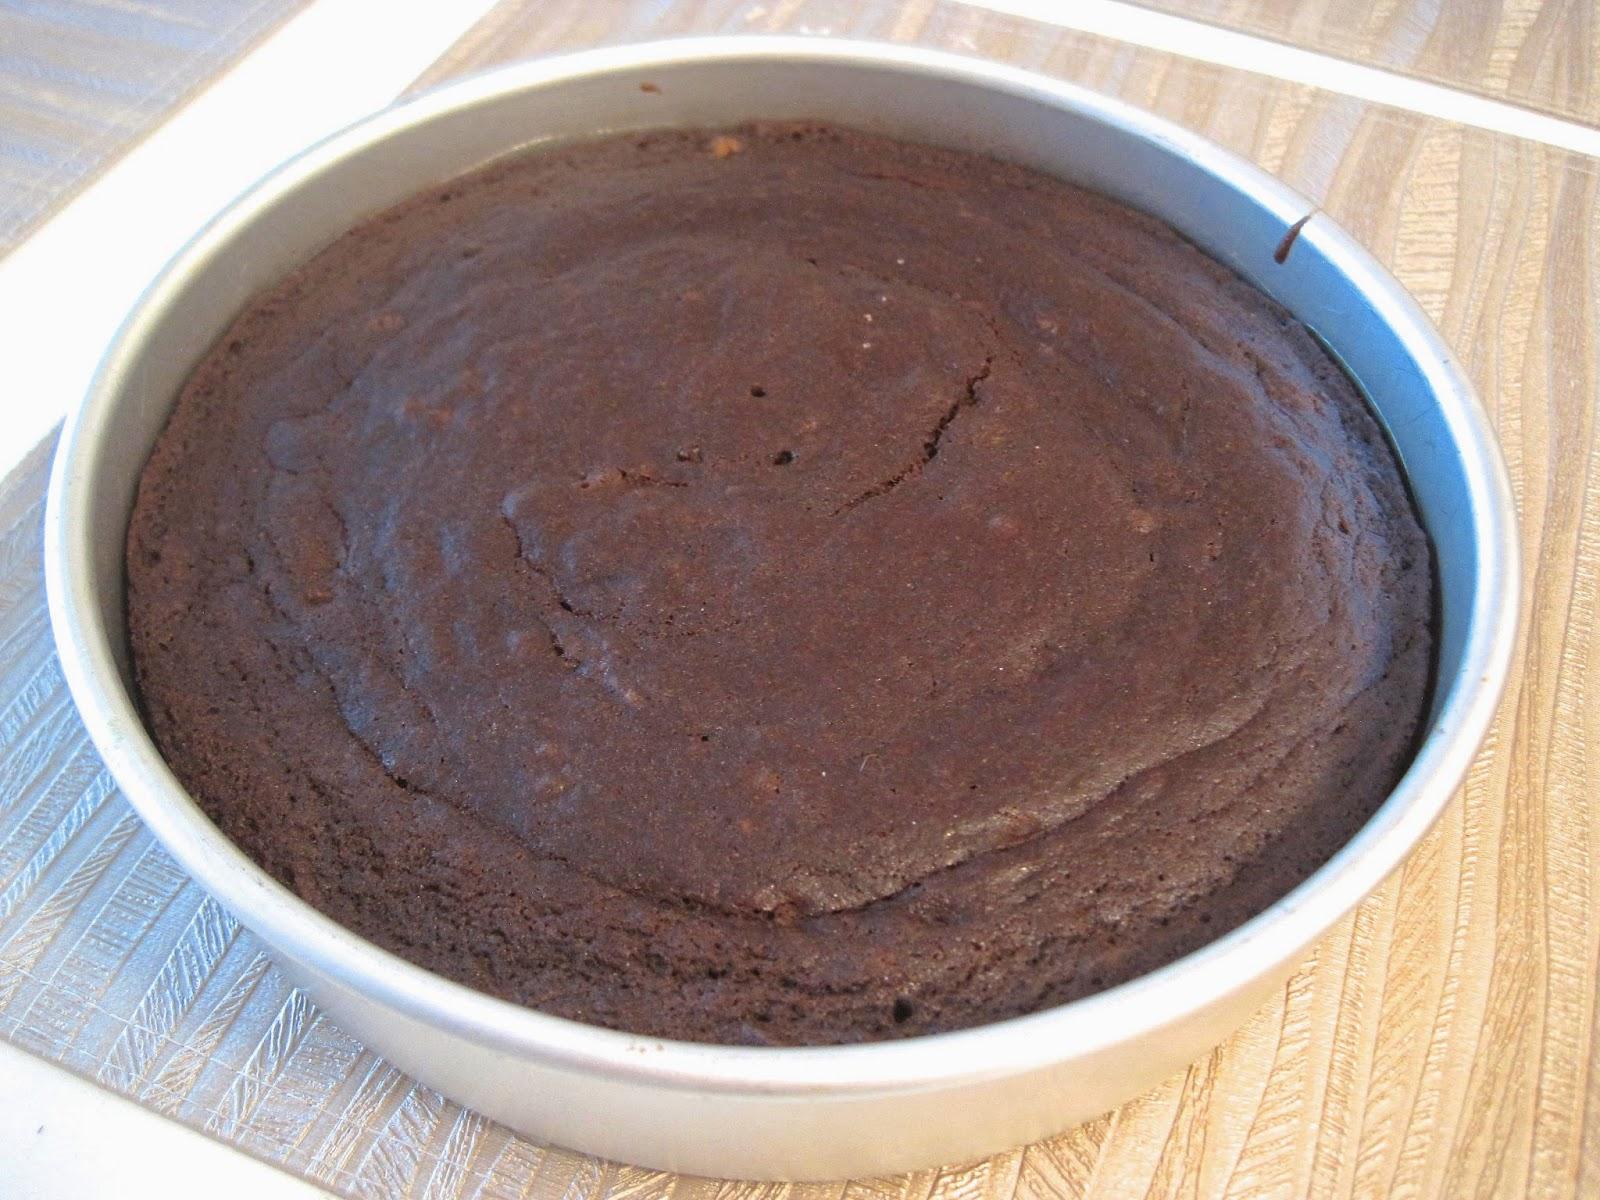 Gluten-Free Vegan Chocolate Cake Chloe's Vegan Desserts